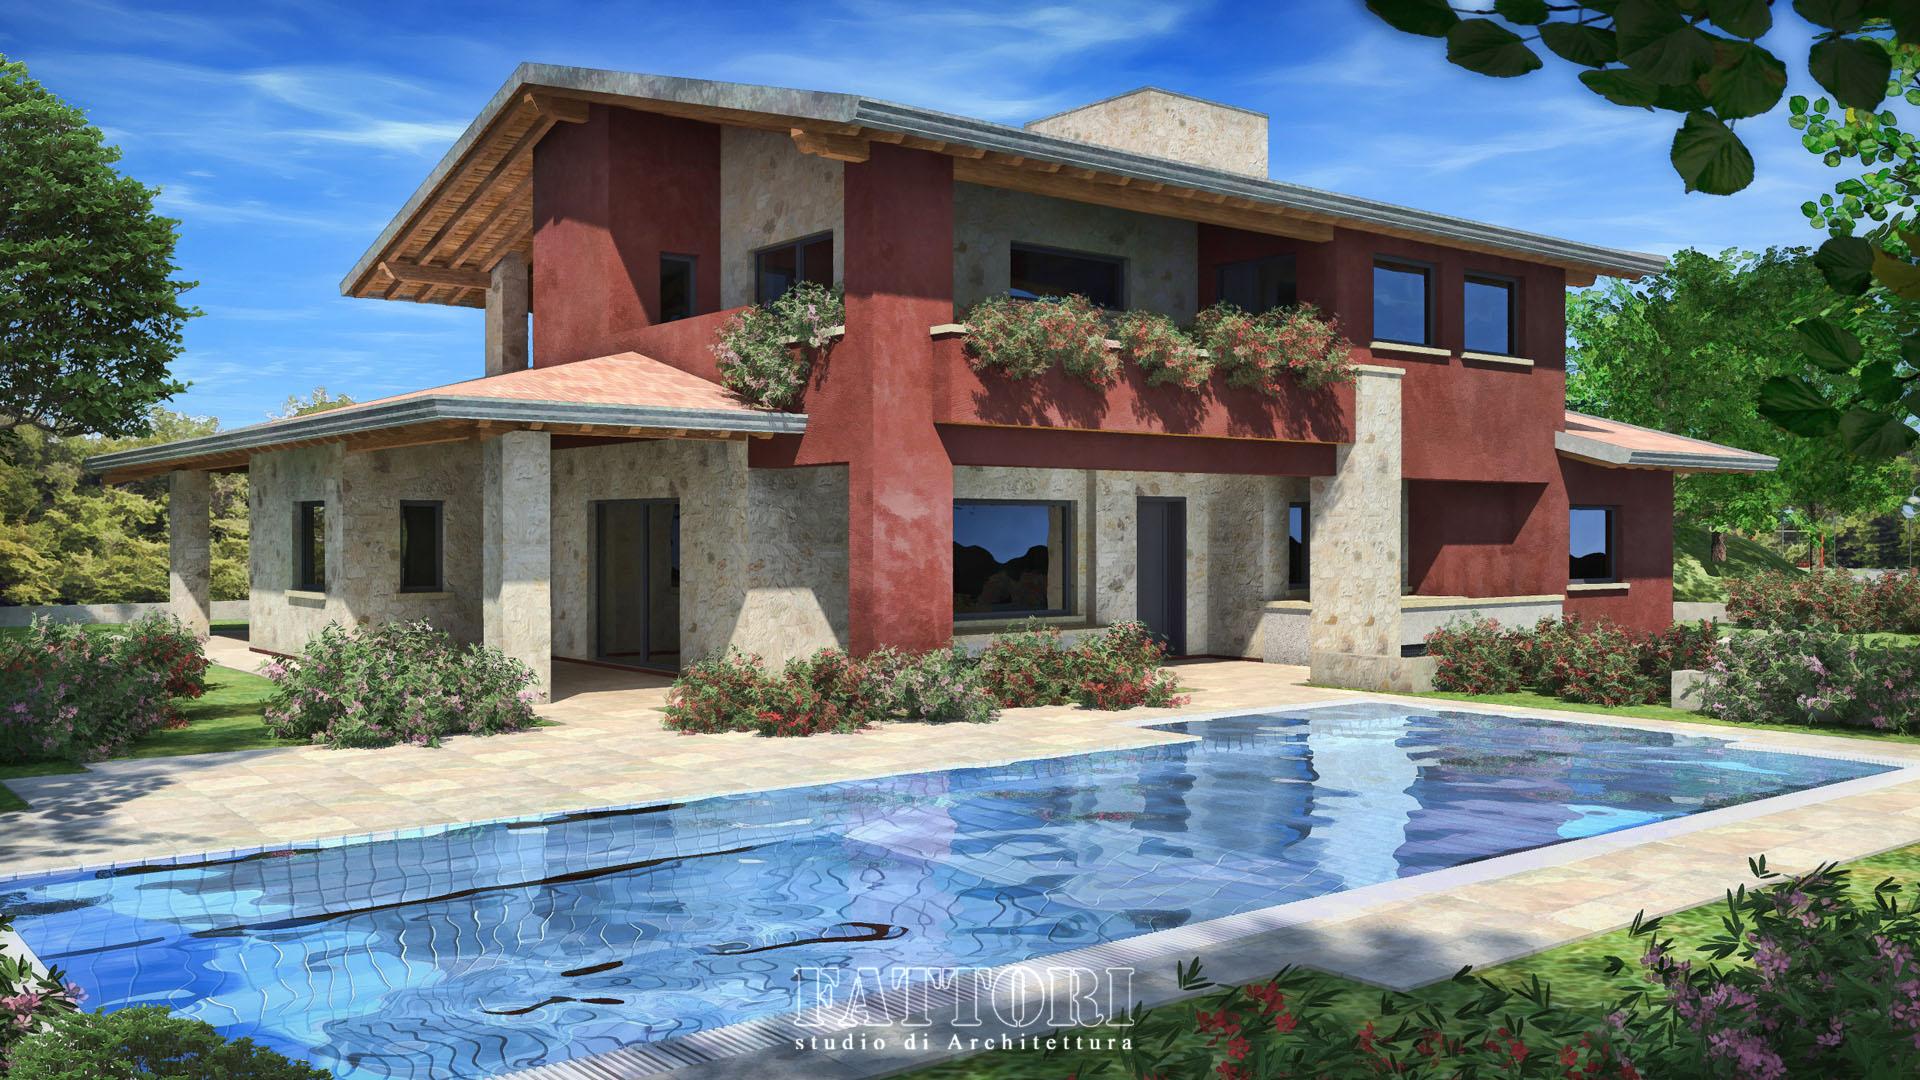 studio_di_architettura_fattori_fausto_progettazione ville case residenziali_7